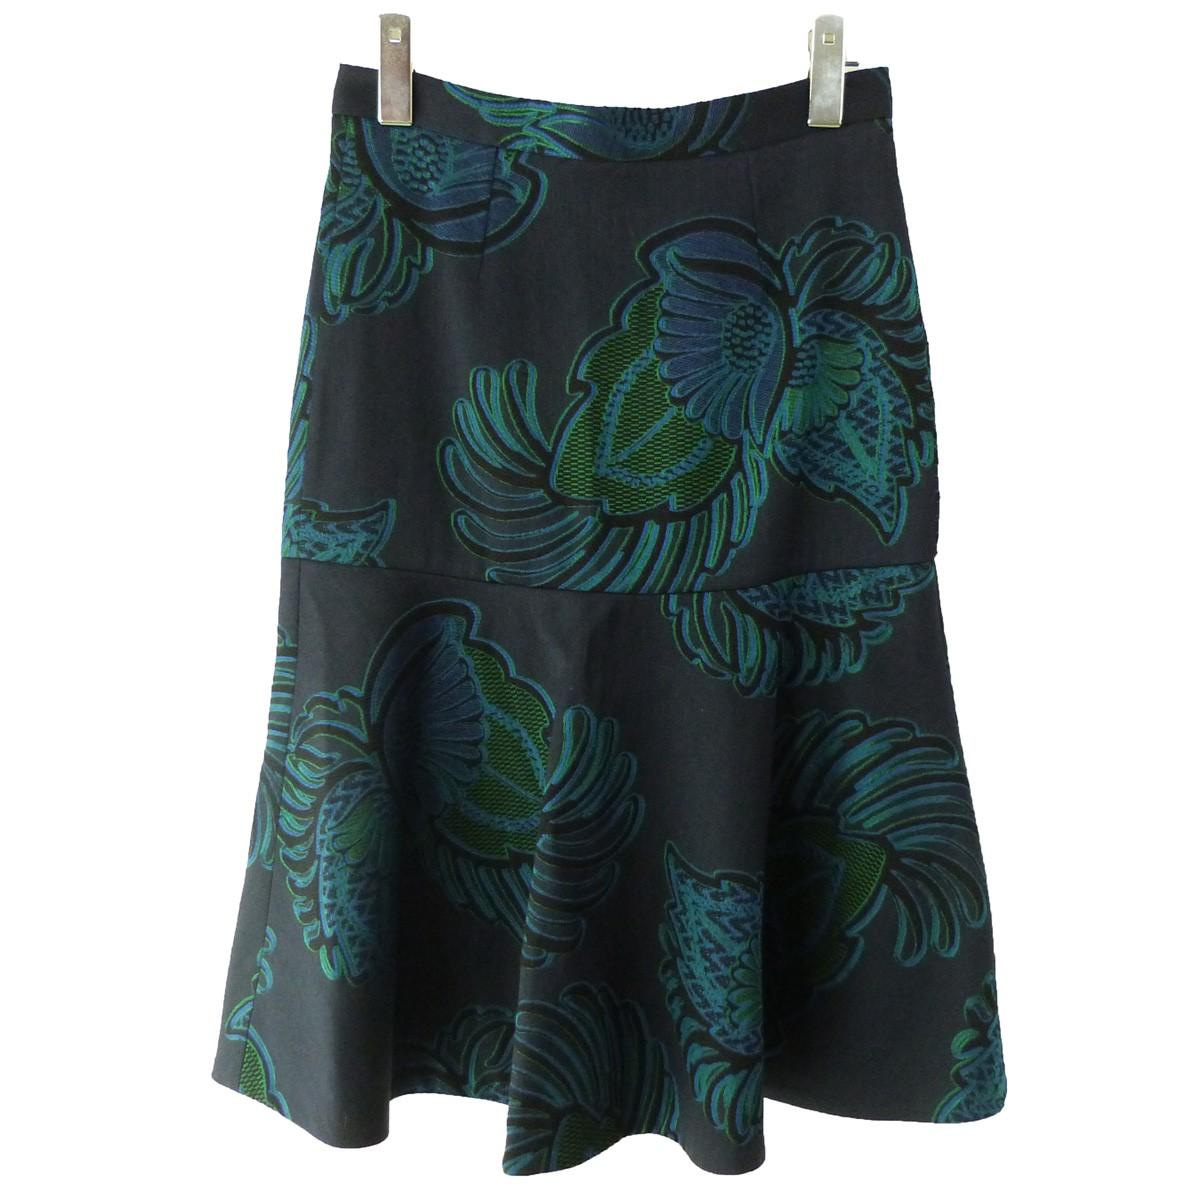 【中古】STELLA McCARTNEY フラワースカート ネイビー サイズ:36 【030420】(ステラマッカートニー)